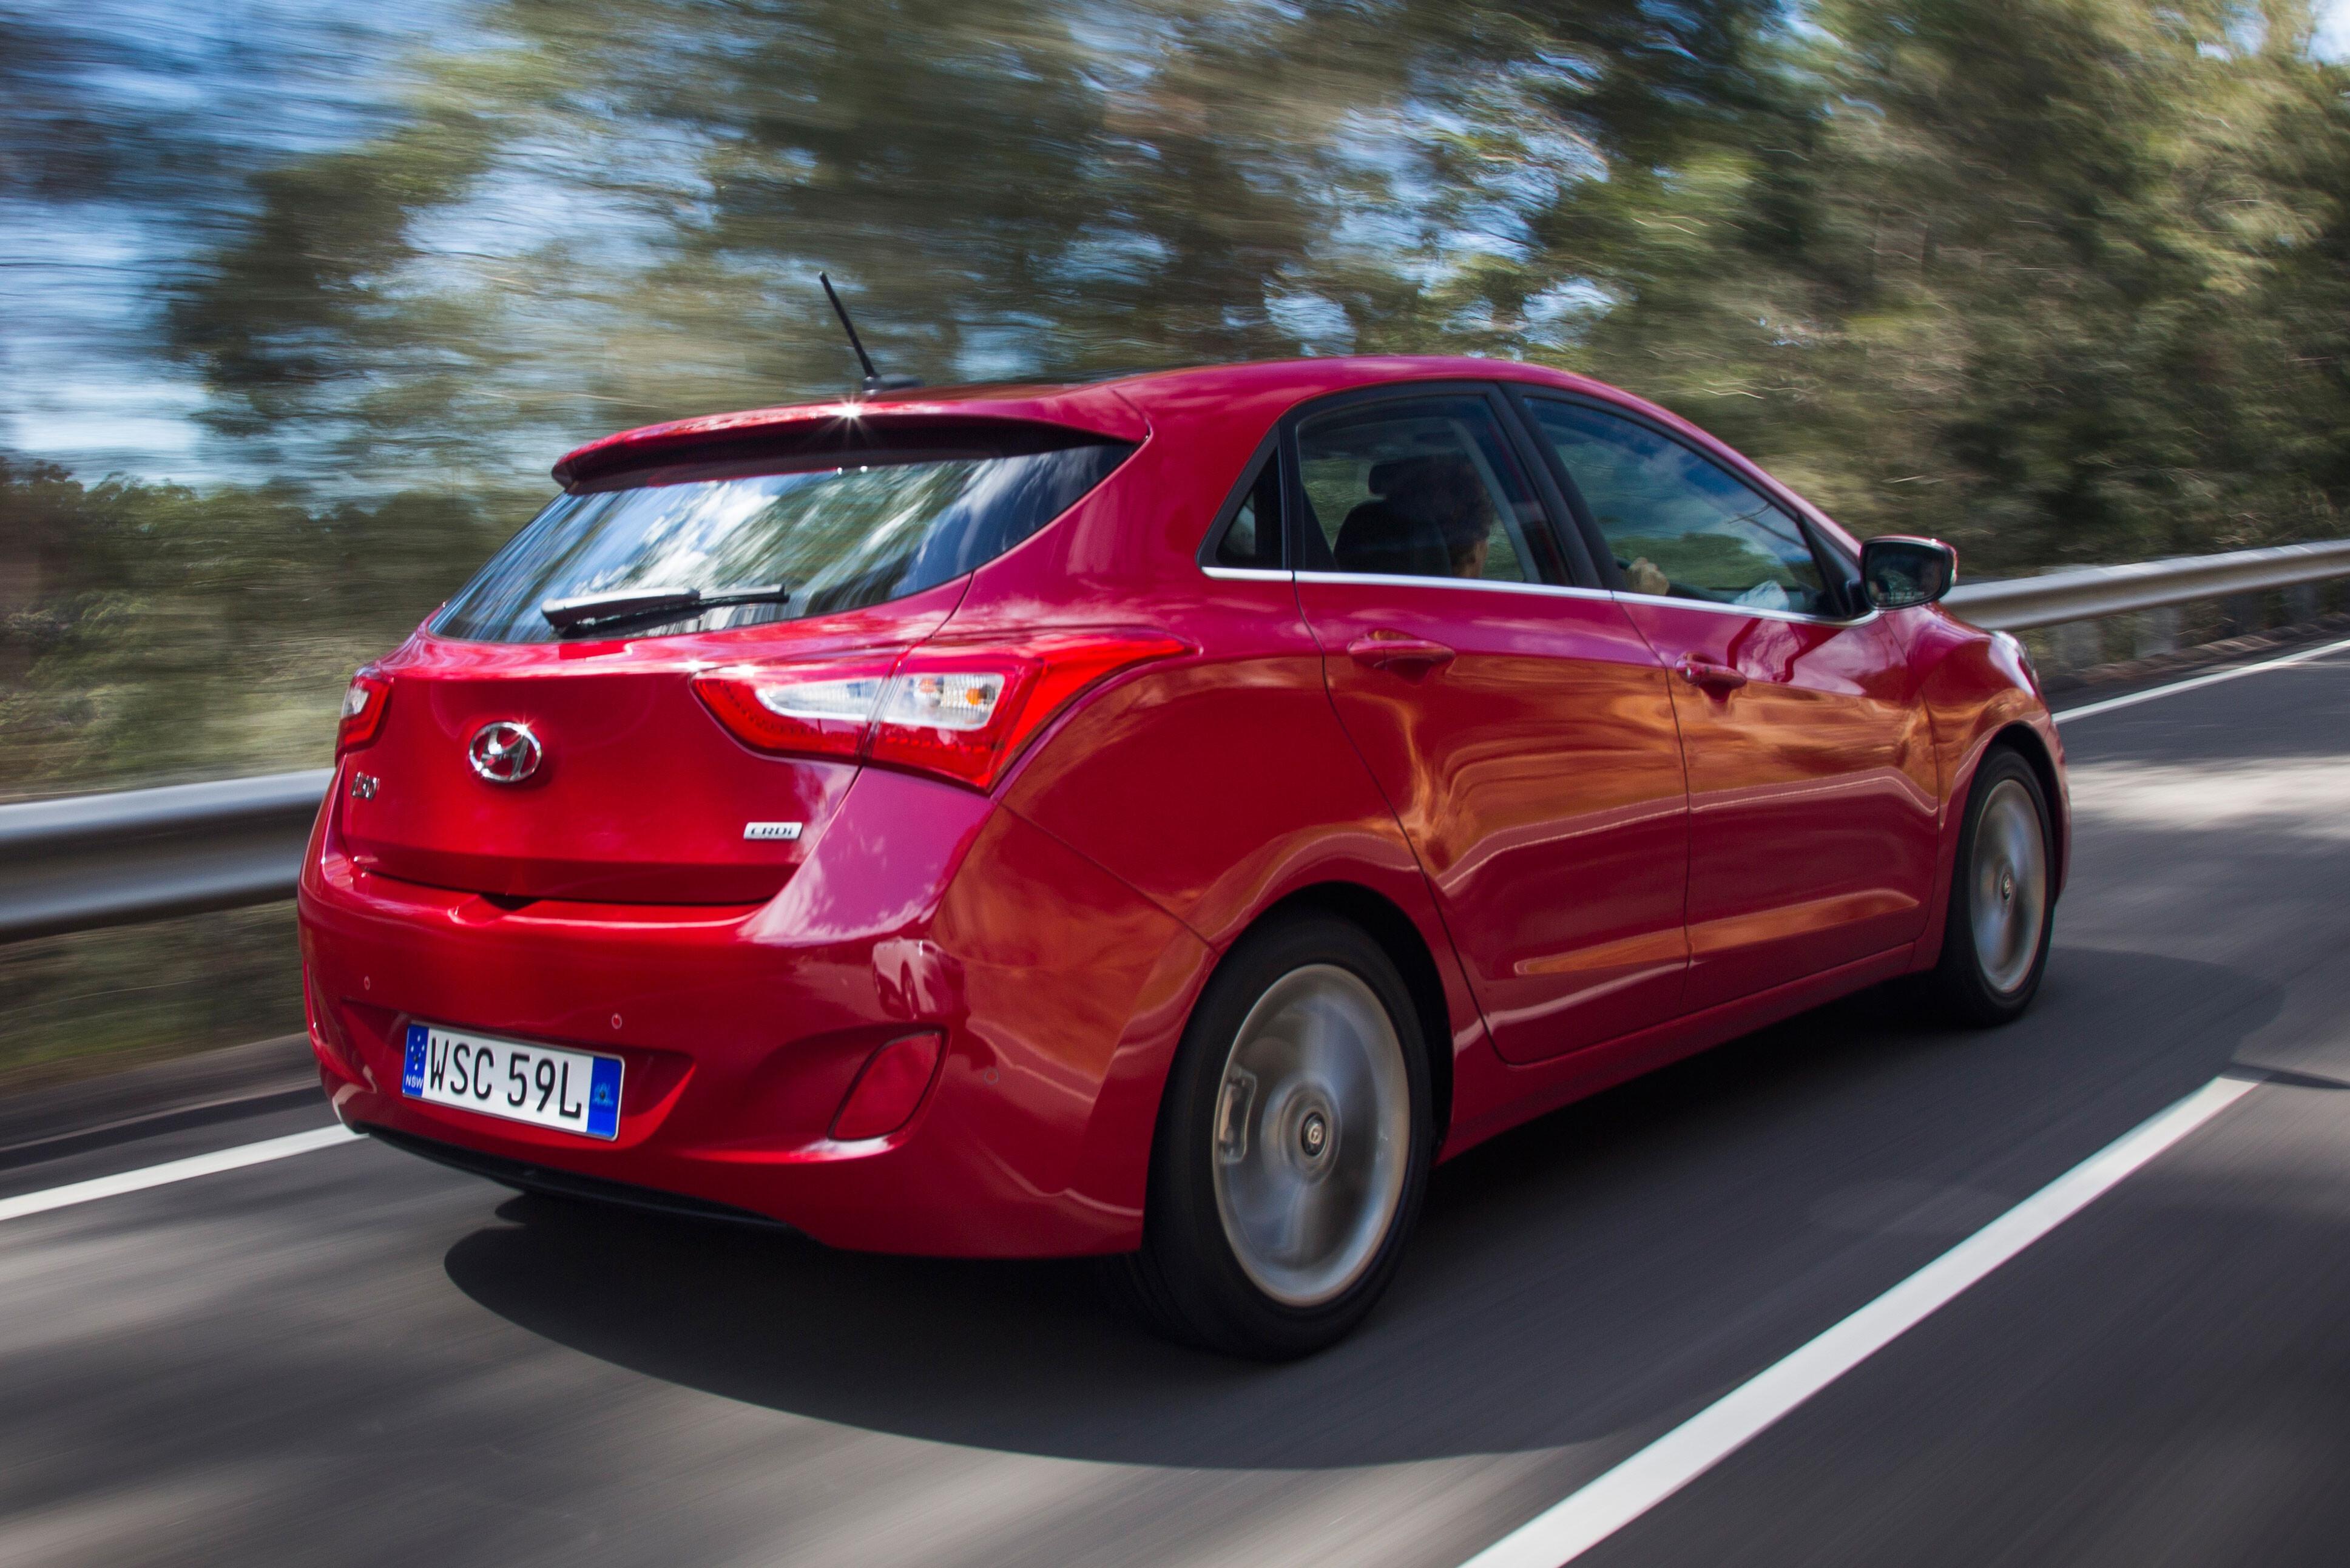 2015_Hyundai _i 30_review _13